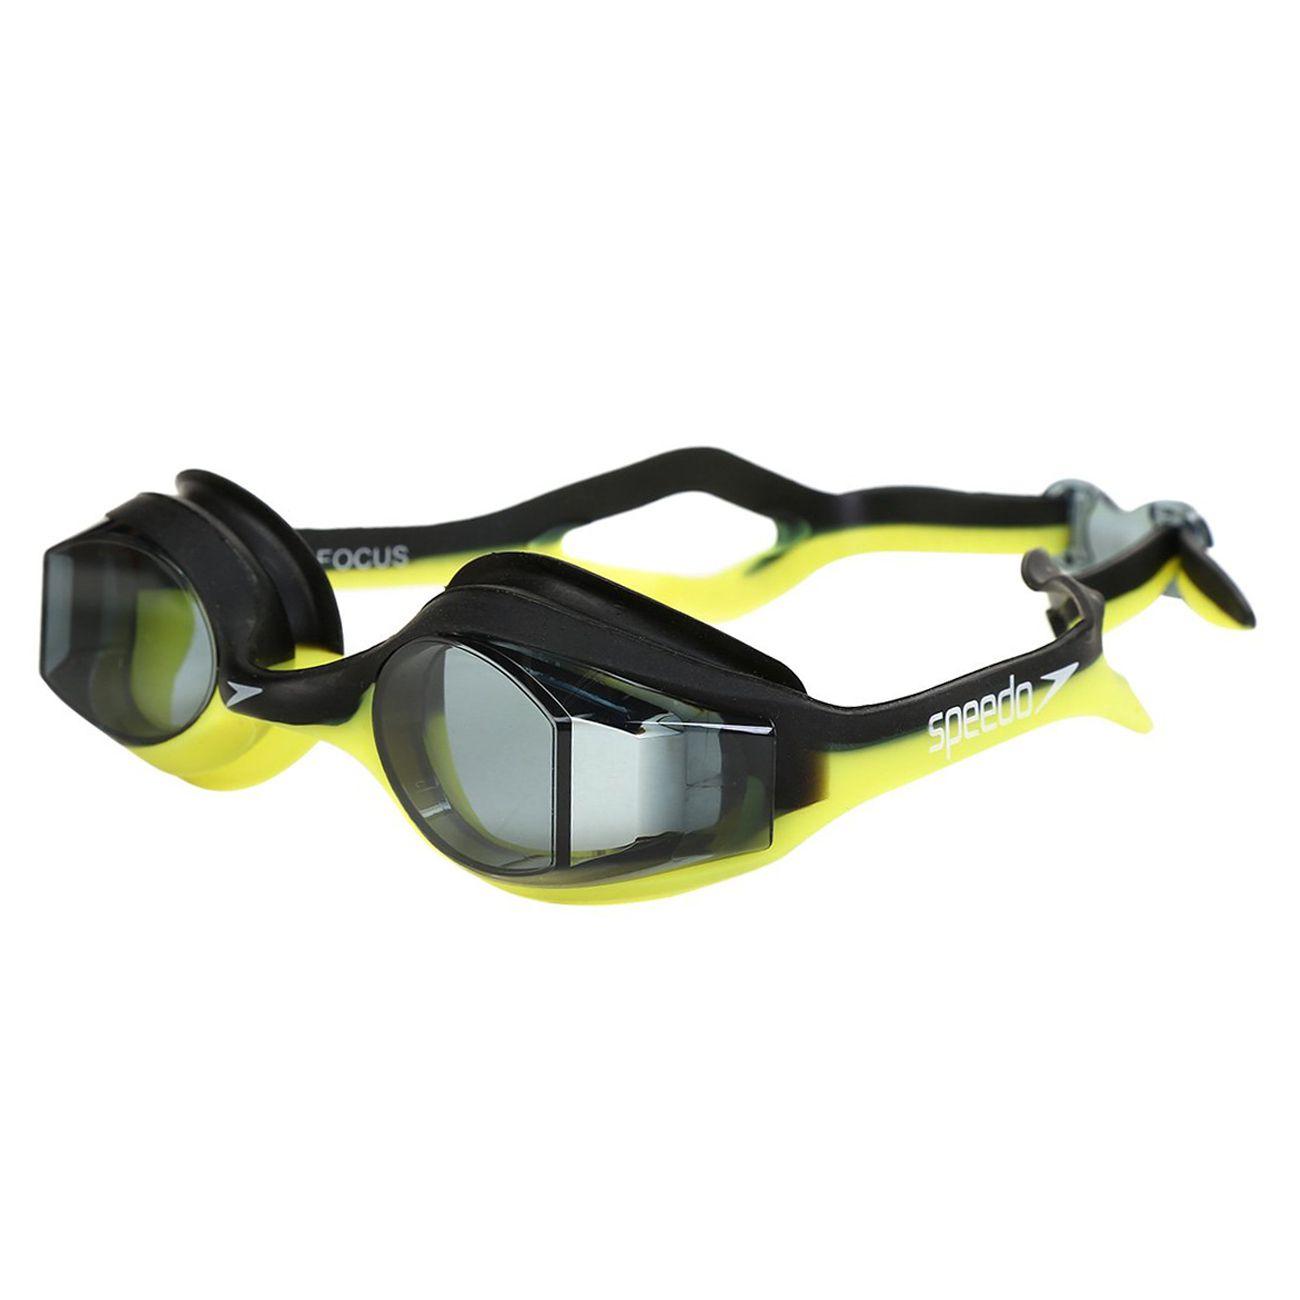 Óculos De Natação Speedo Focus Verde Limão